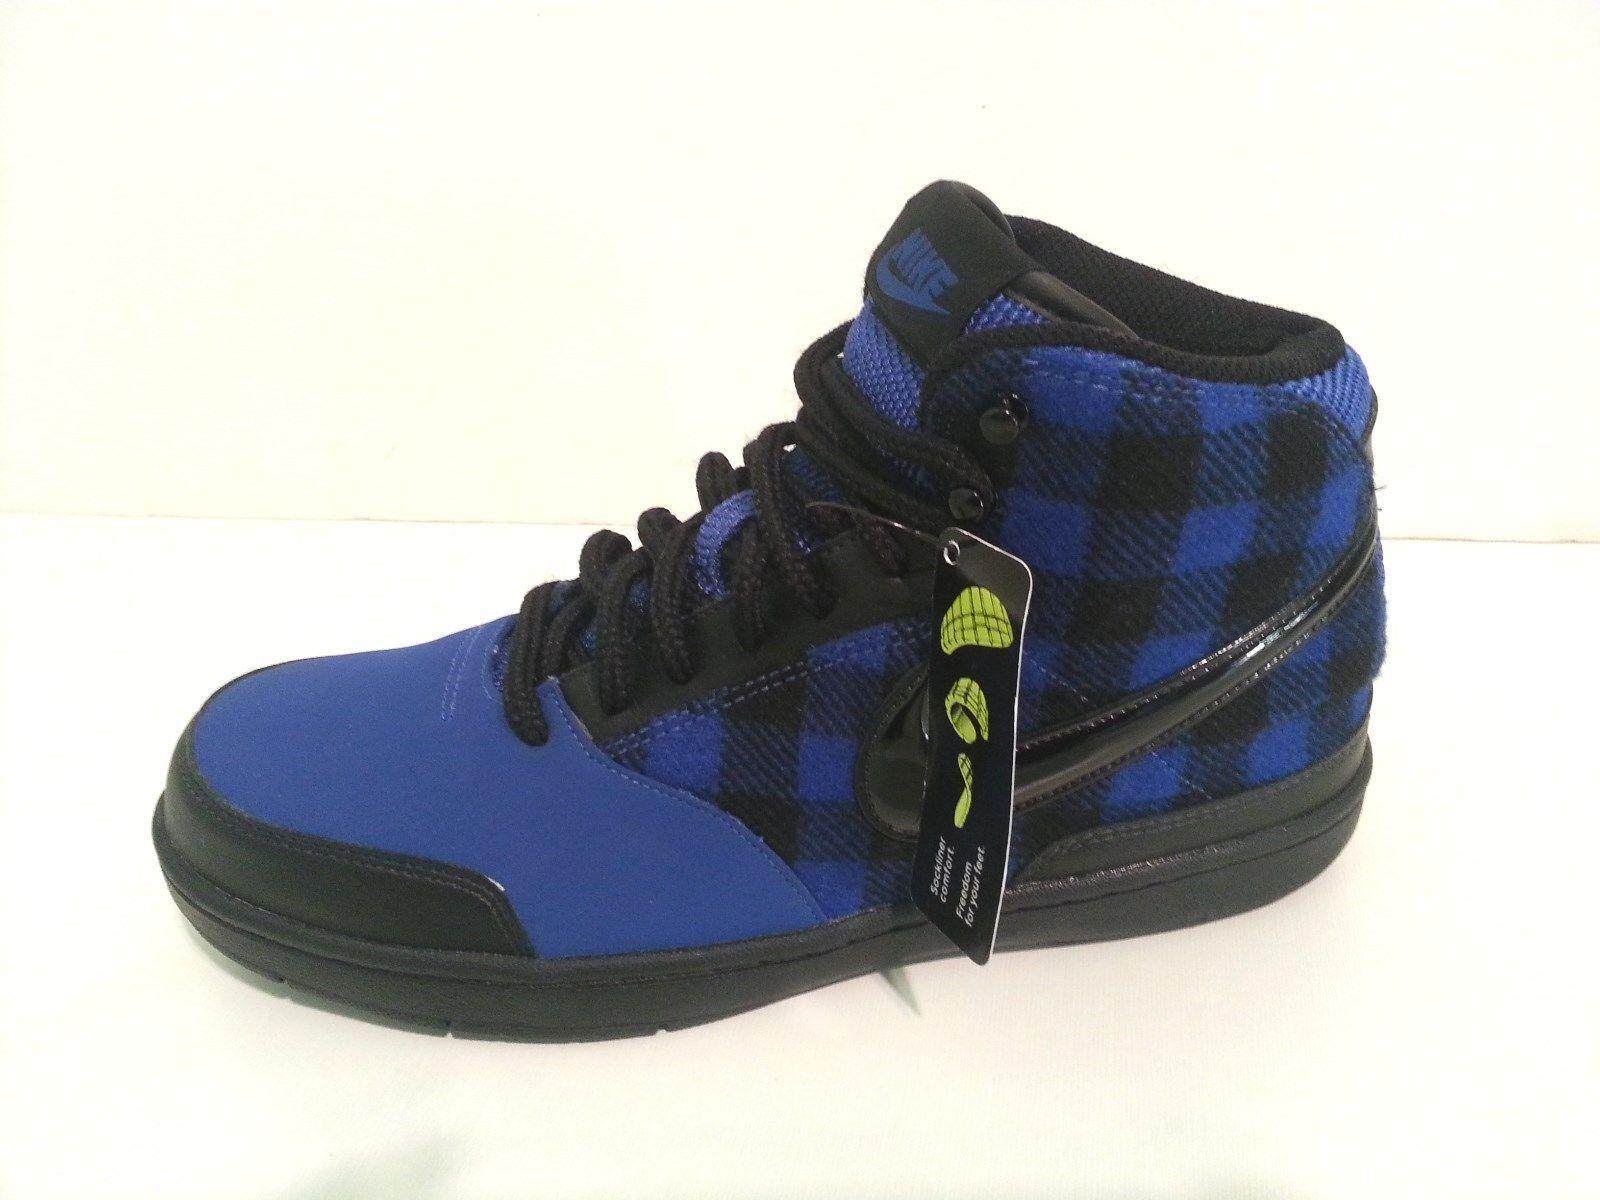 New Nike Femme Style Mid SL [454235-601] Casual Sport Bleu/noir-Sail Sz 7